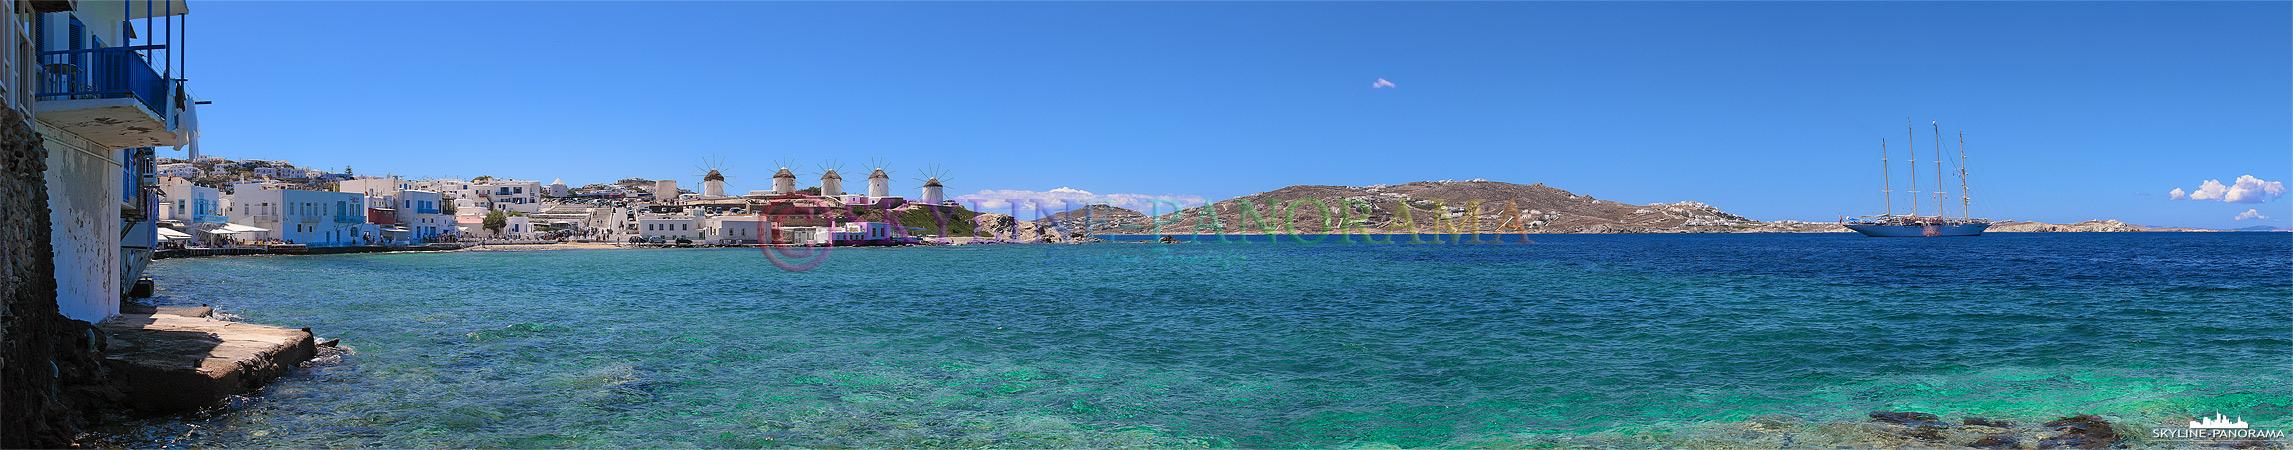 Panorama vom Kastro-Viertel aus auf die Bucht von Alefkandra, zu sehen sind die bekannten Windmühlen von Mykonos und ein vor der Insel ankerndes Segelschiff.